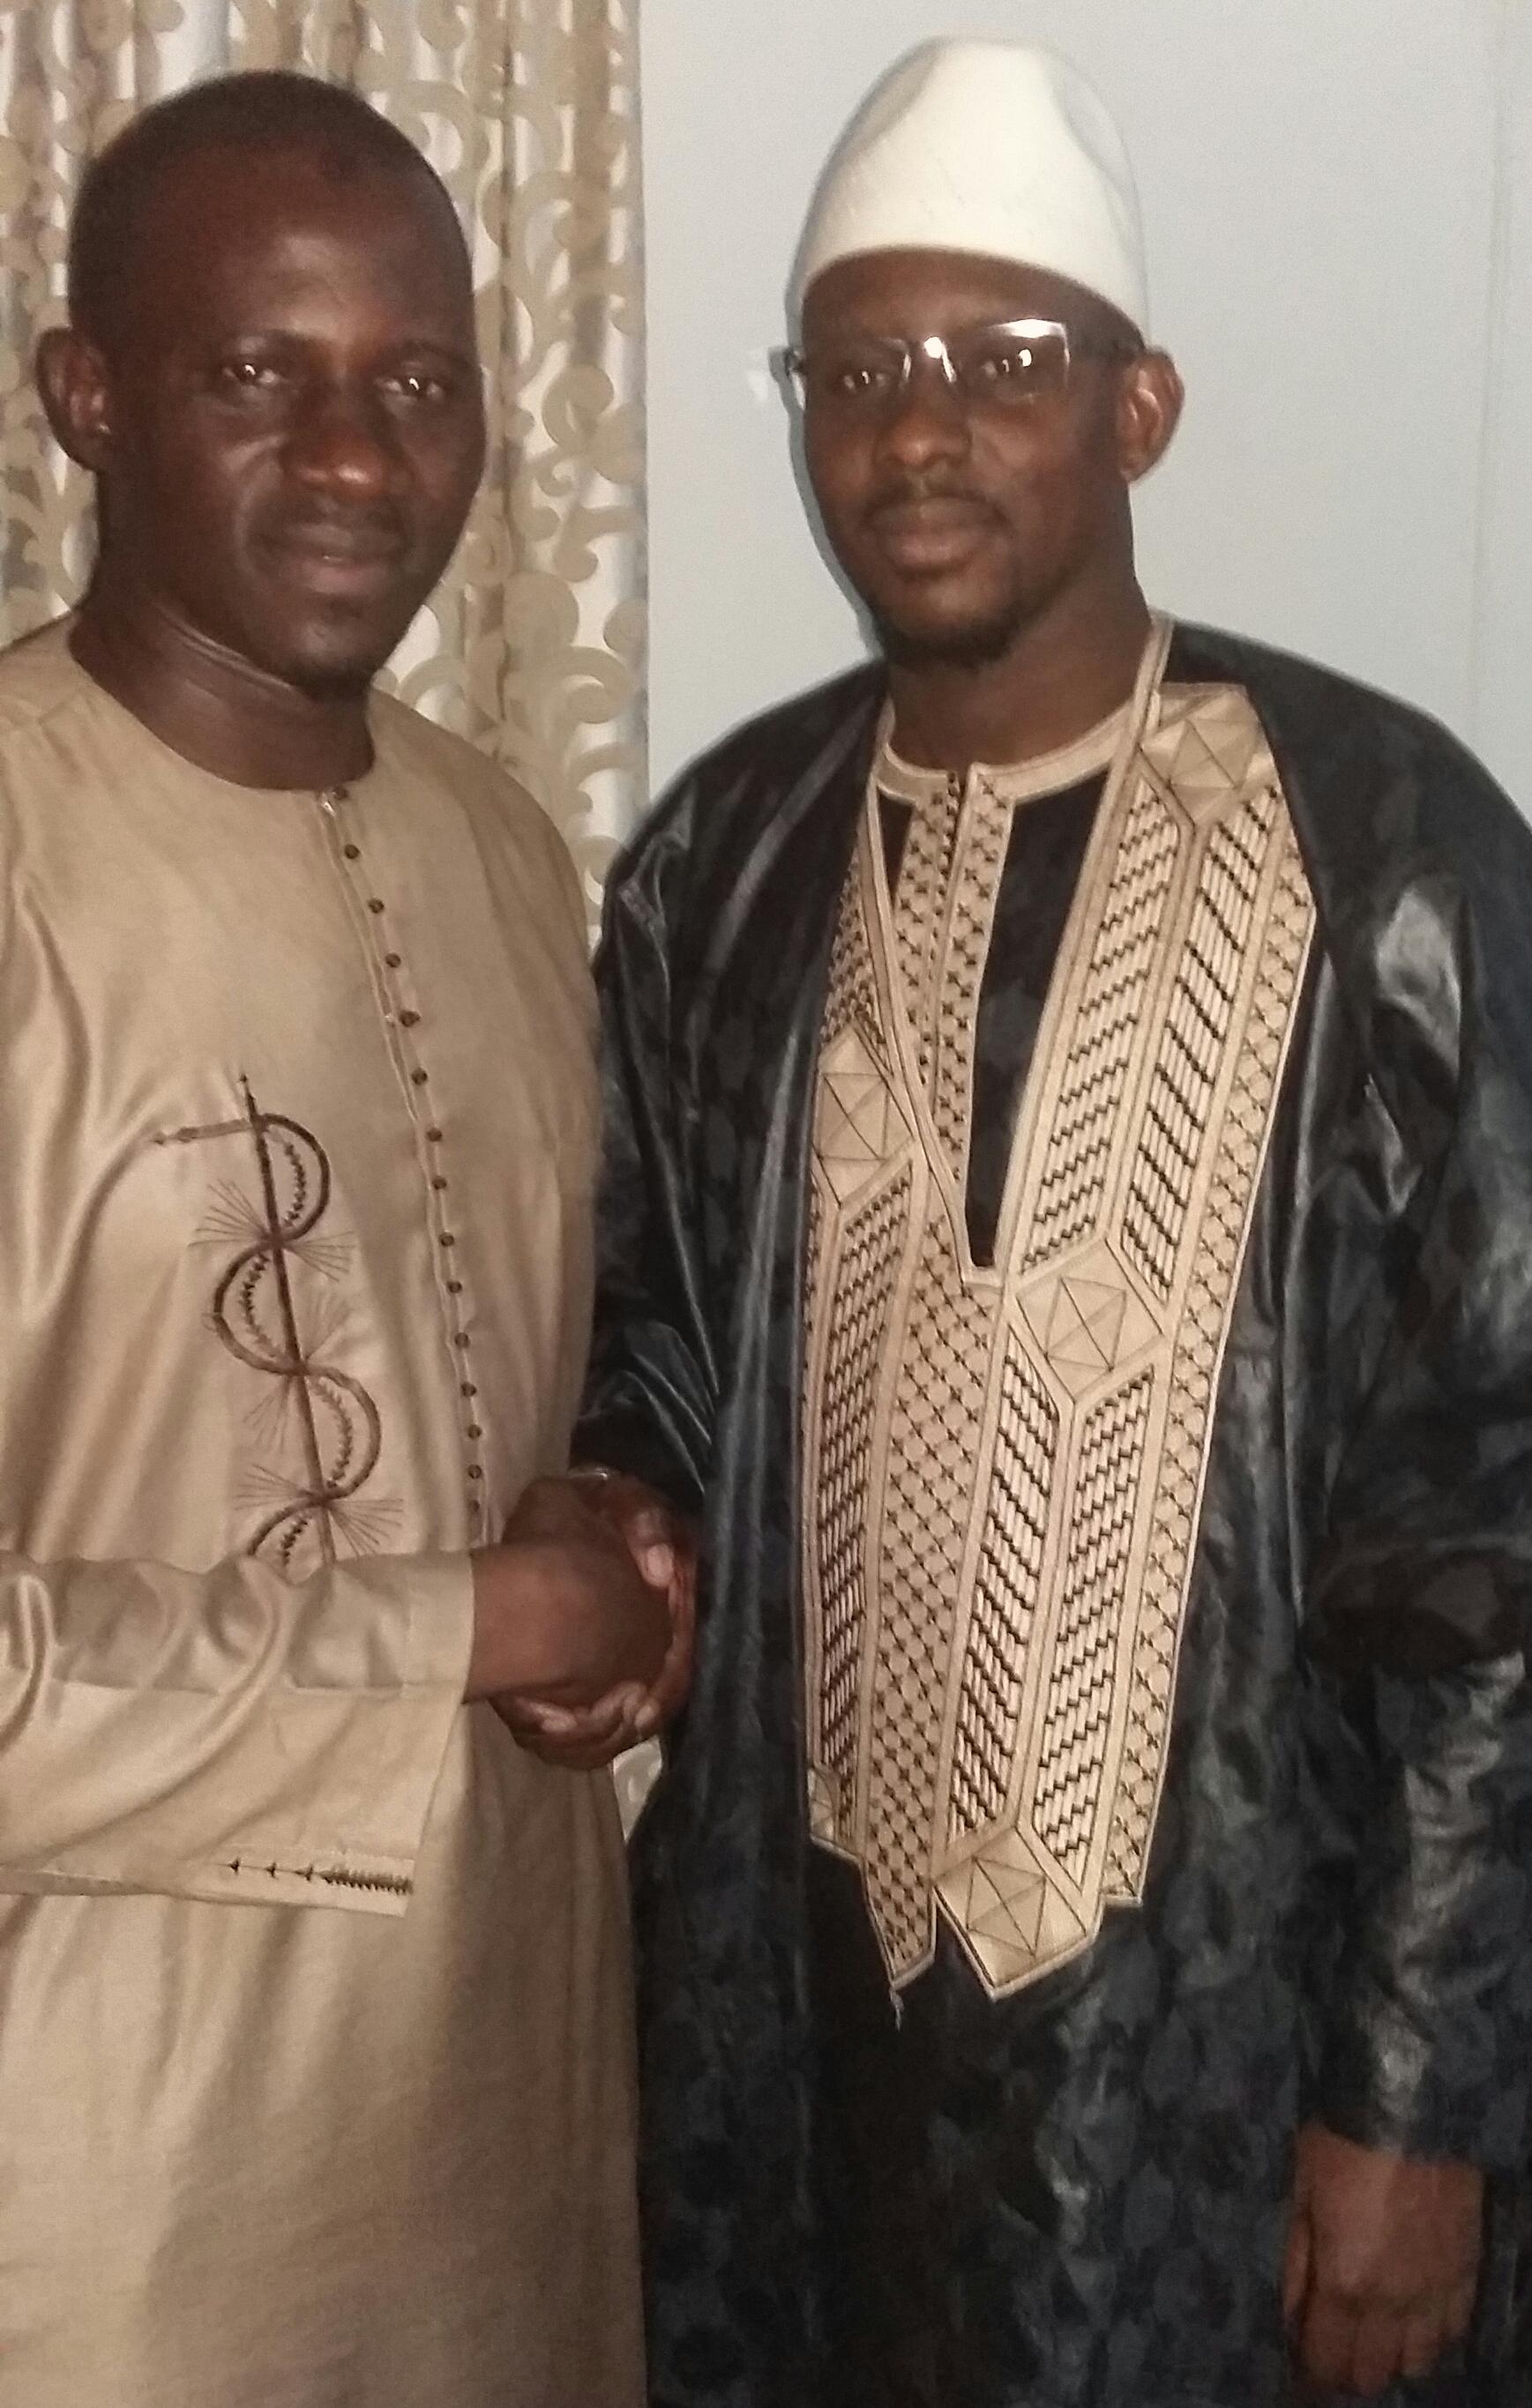 Investitures à BBY Louga : le mouvement Vision républicaine se range derrière Moustapha Diop